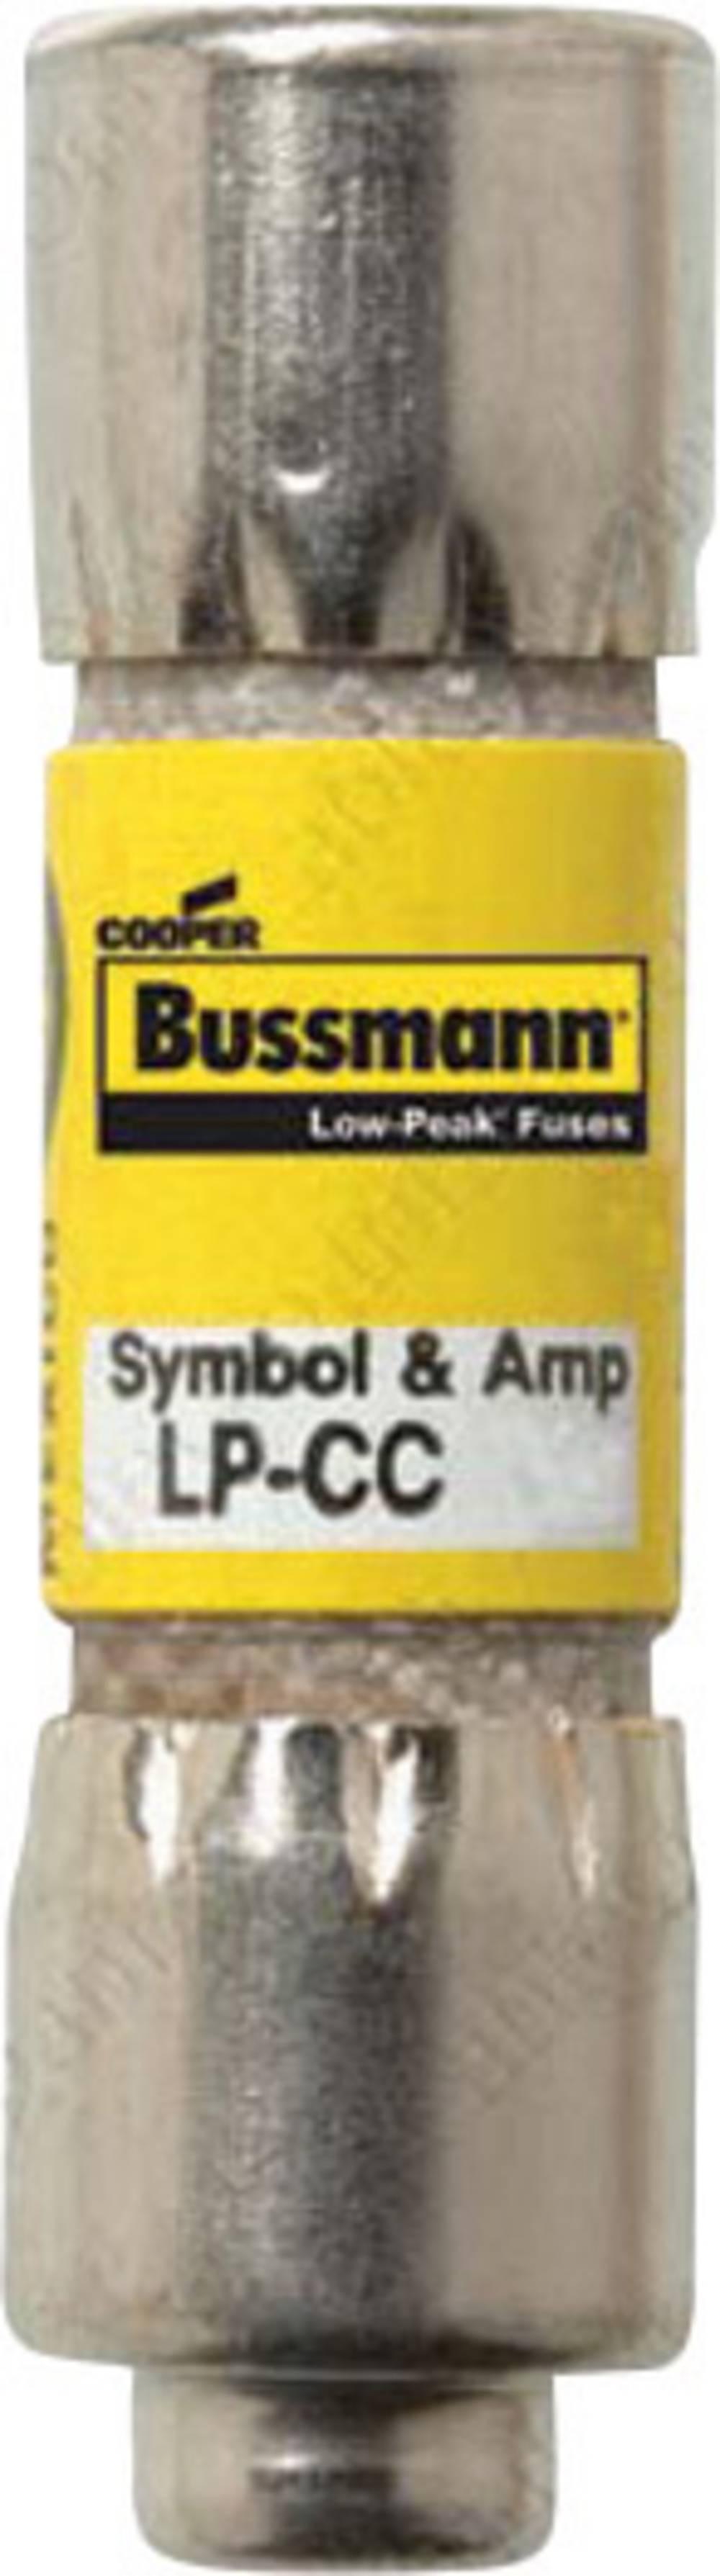 Time Delay sikring (Ø x L) 10.3 mm x 38.1 mm 12 A 600 V/AC Træg -T- Bussmann LP-CC-12 Indhold 1 stk